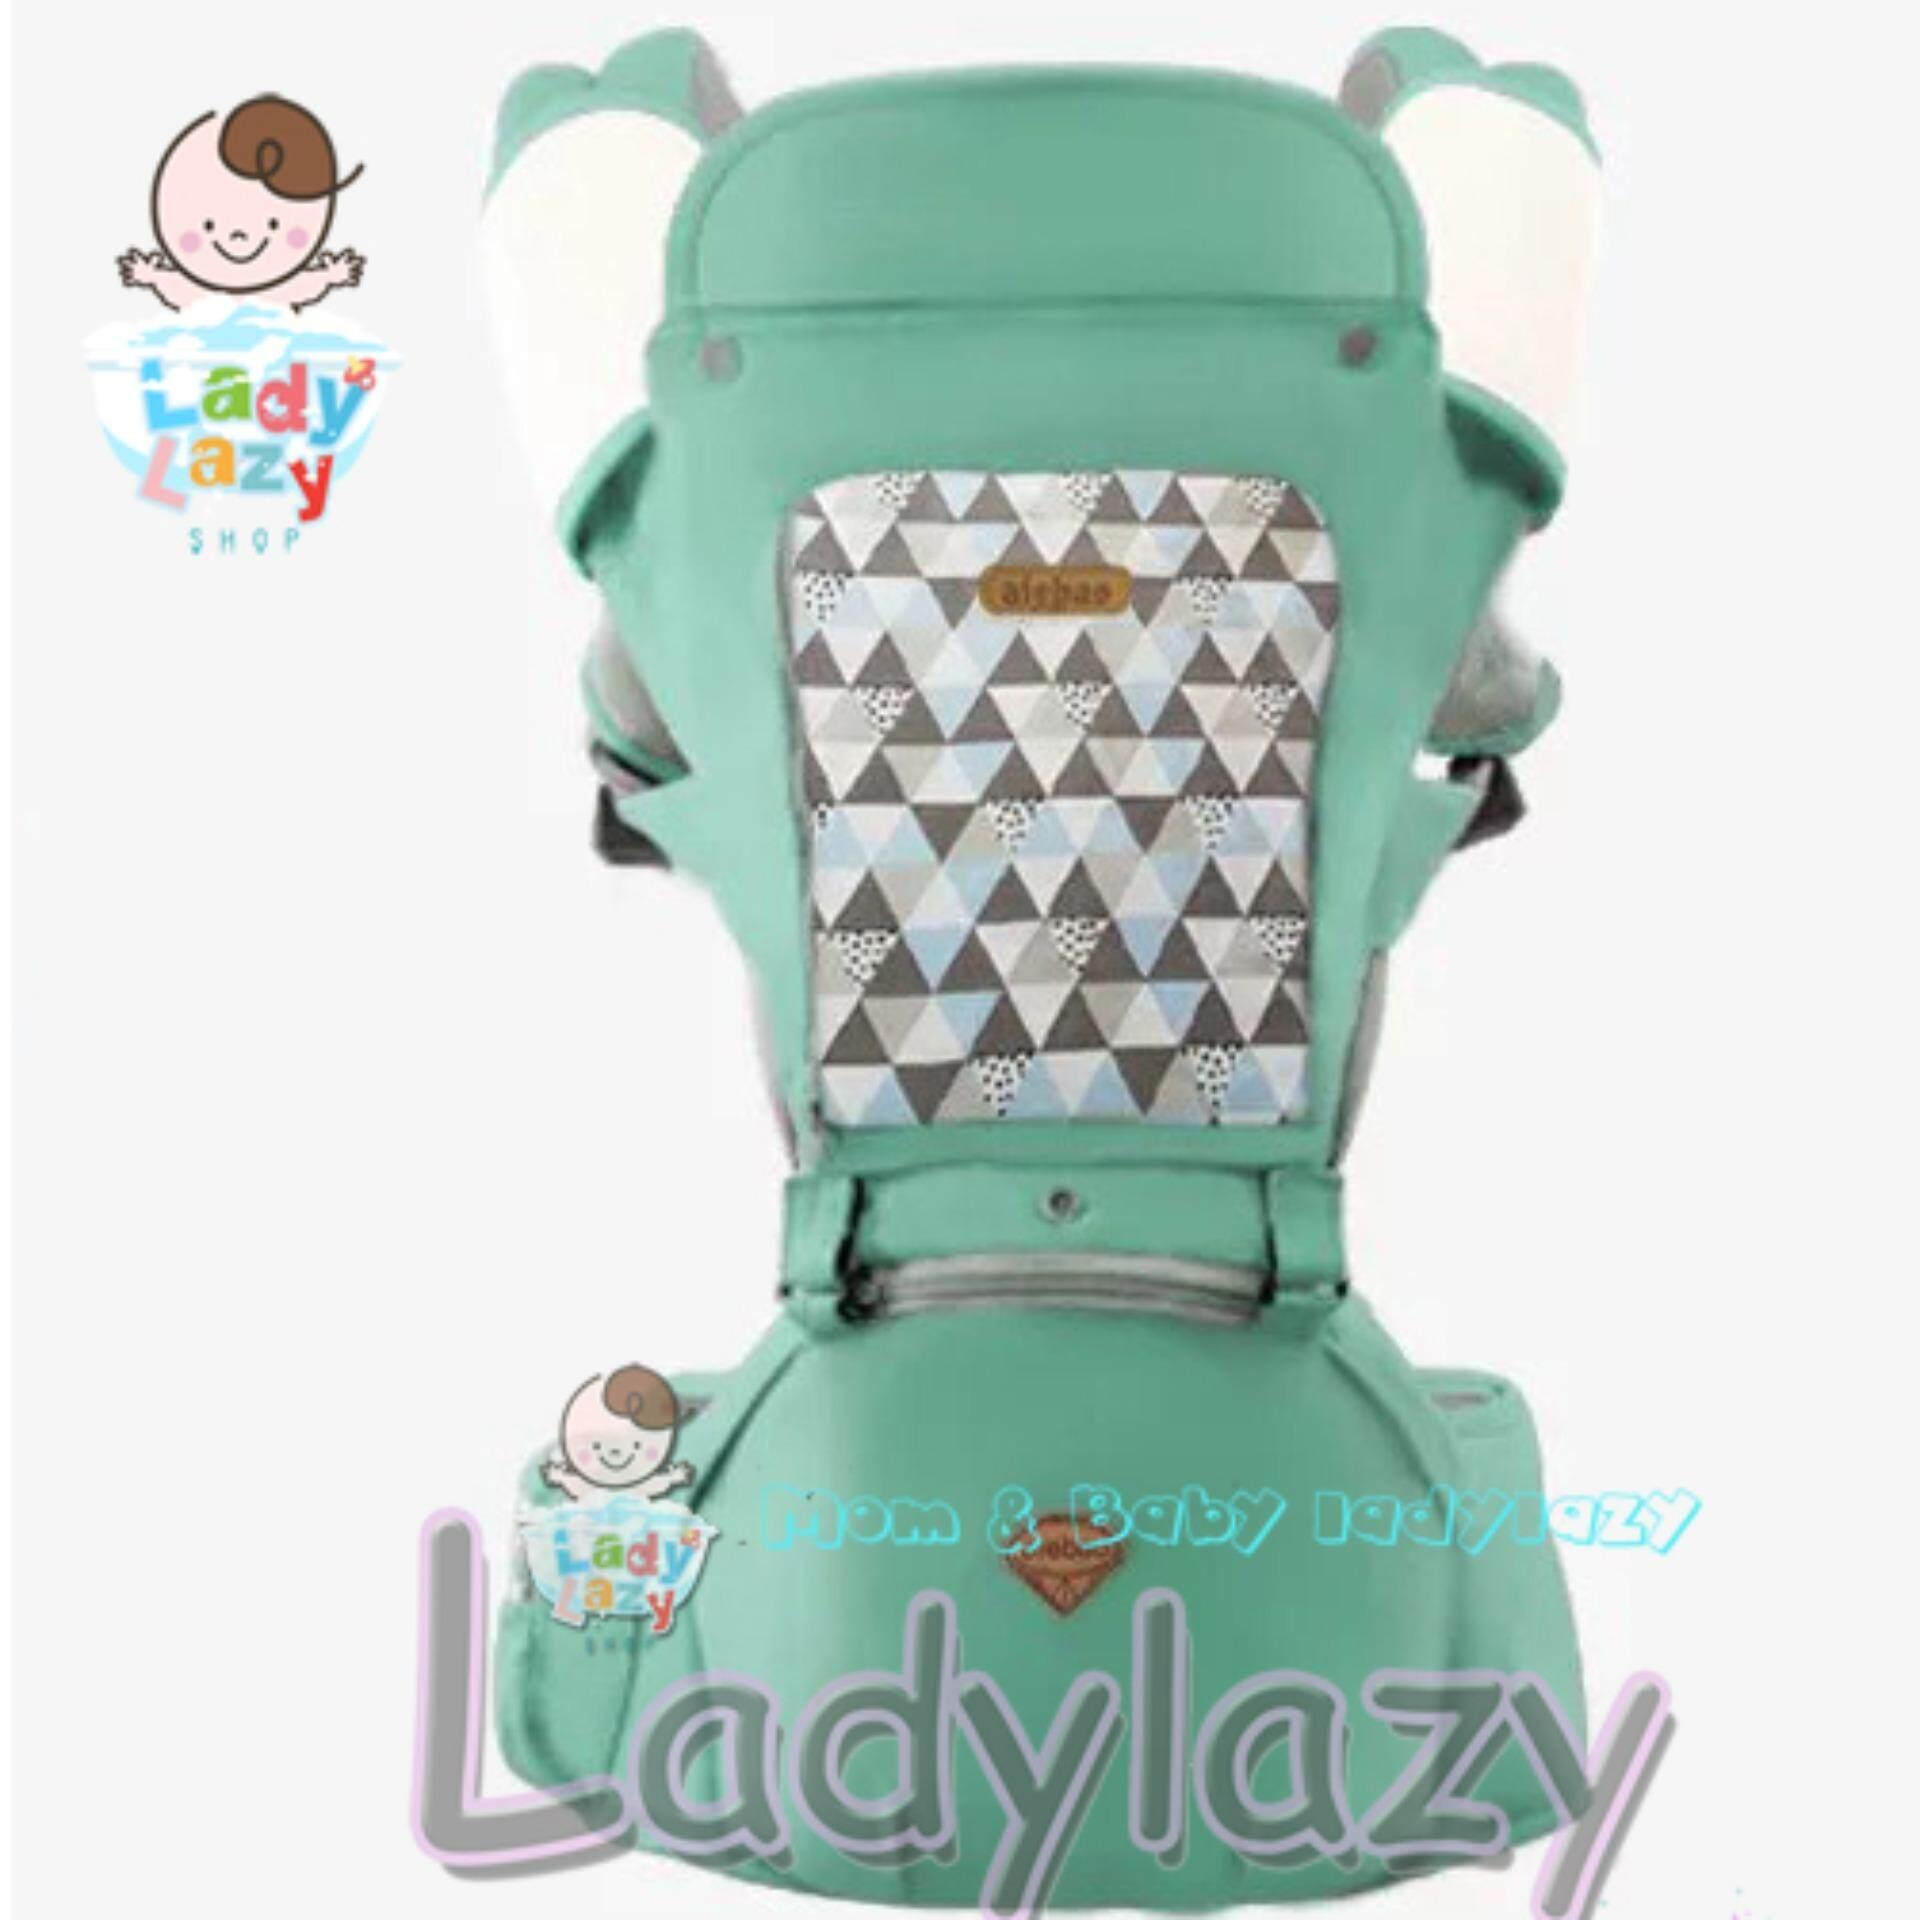 ladylazyเป้อุ้มเด็ก(aiebao) Hip seat 2in1 มีหมวกคลุมและปลอกกันน้ำลาย พาสเทล สีเขียว